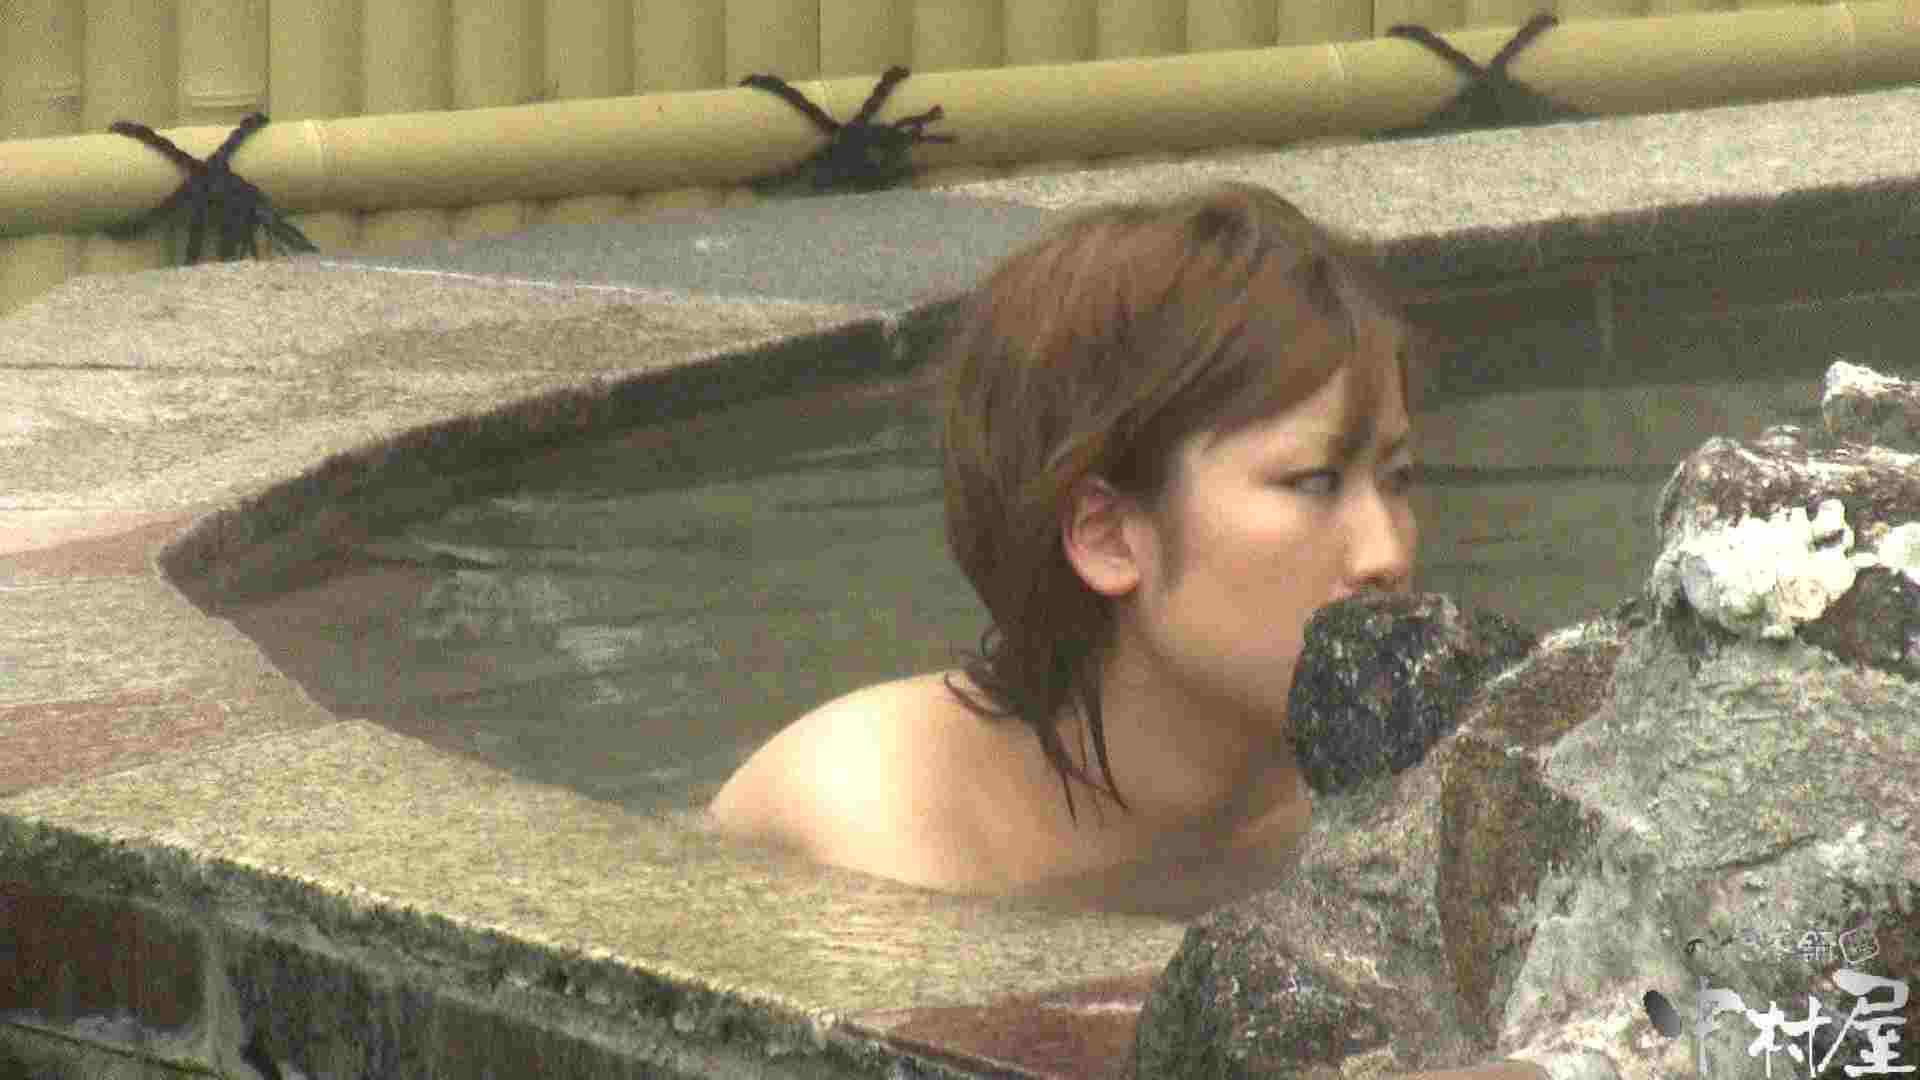 Aquaな露天風呂Vol.918 盗撮師作品 | 美しいOLの裸体  75pic 28